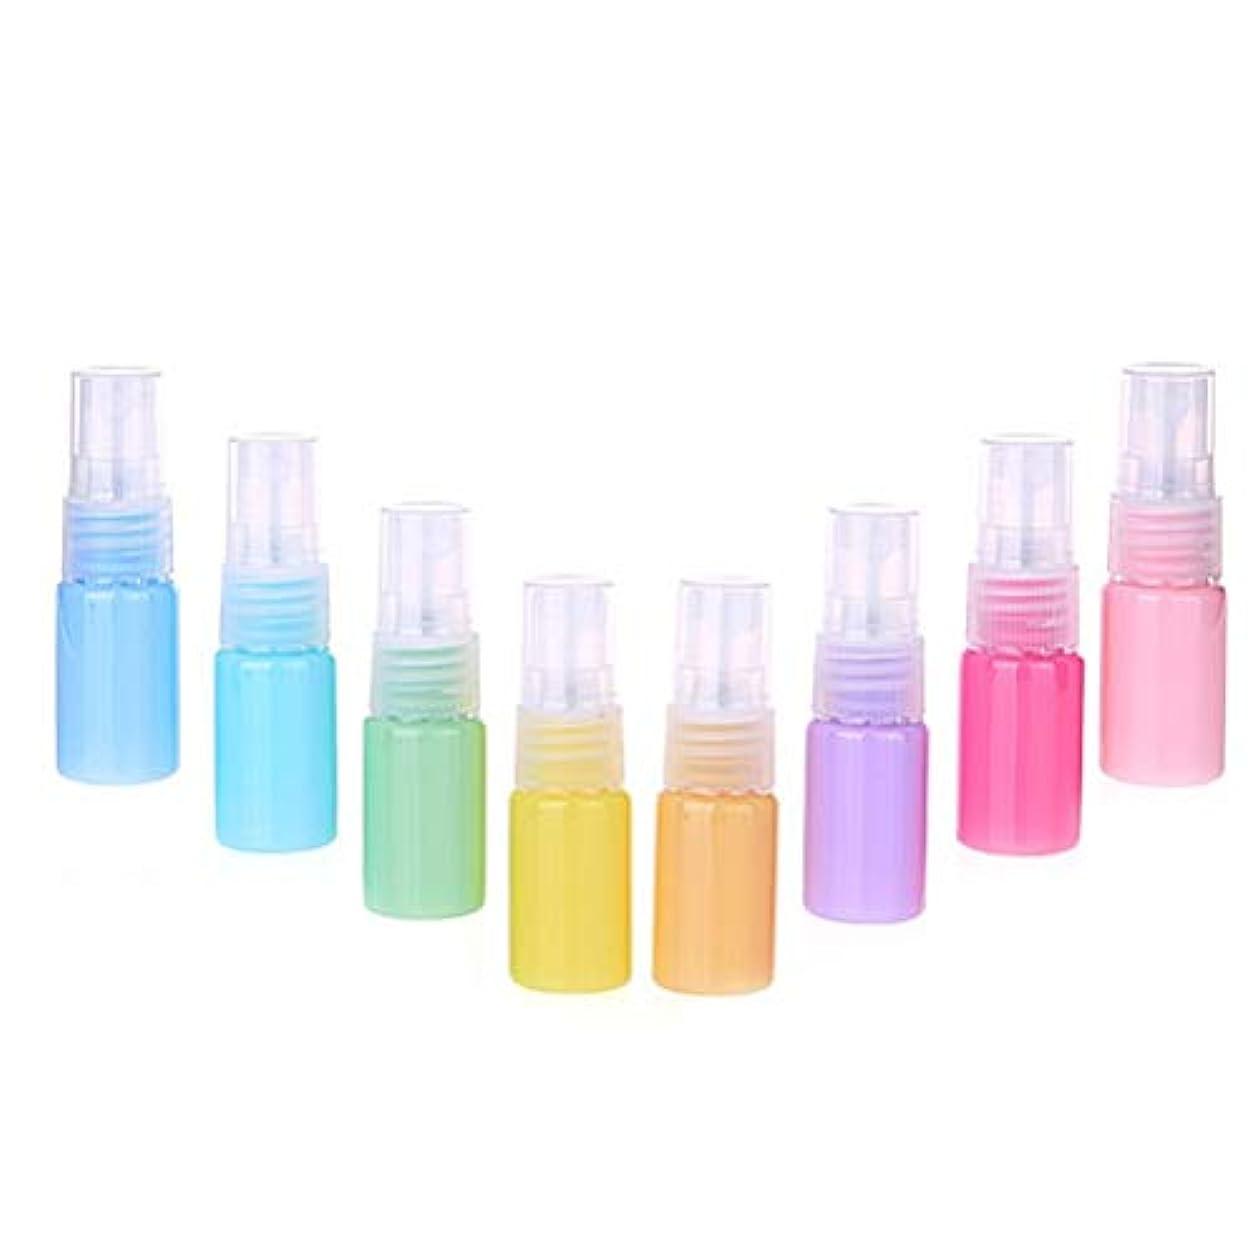 安全でないエージェントマニアックFrcolor 8ピース 10ml スプレー空ボトル カラフルな 収納ボトル 耐久性 化粧水 旅行アクセサリー (混合色)